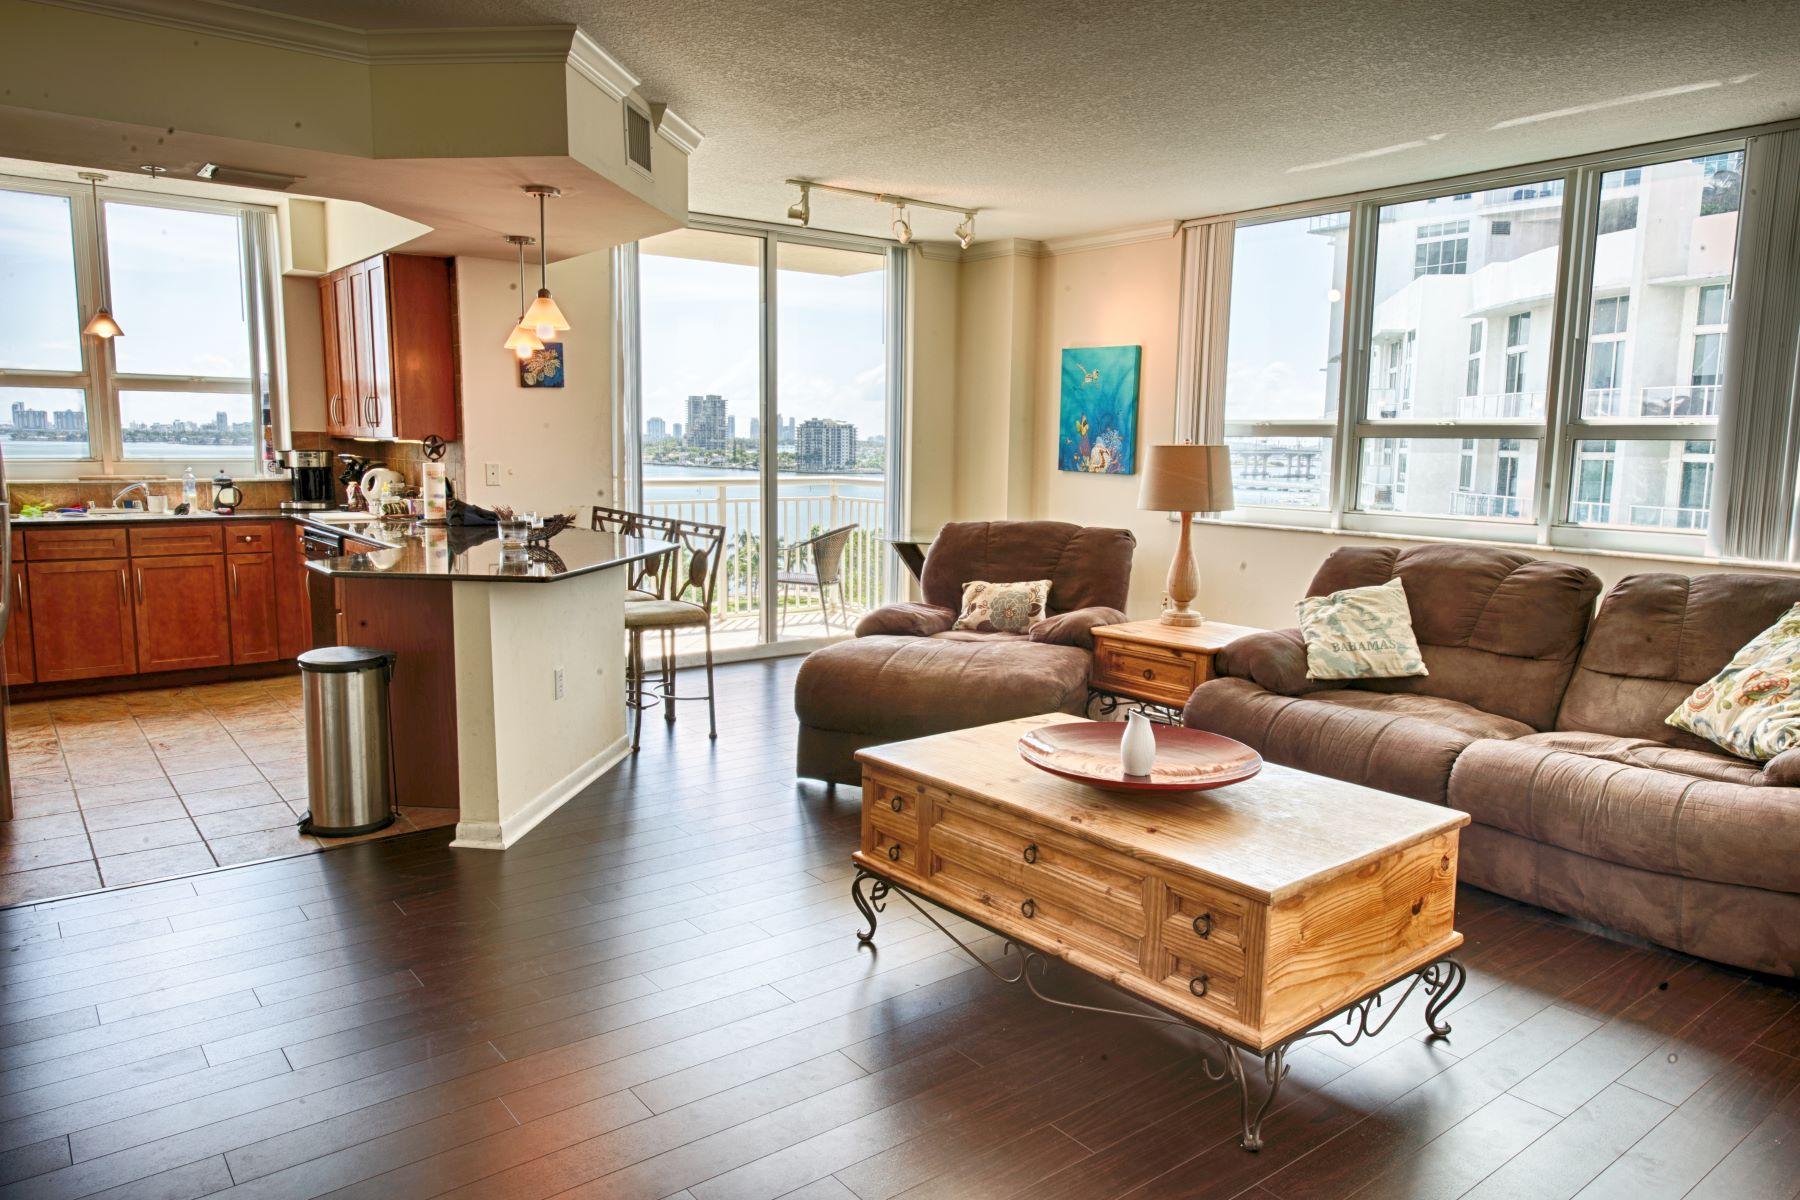 Condominium for Sale at 2000 N Bayshore Dr 2000 N Bayshore Dr 910 Miami, Florida 33137 United States